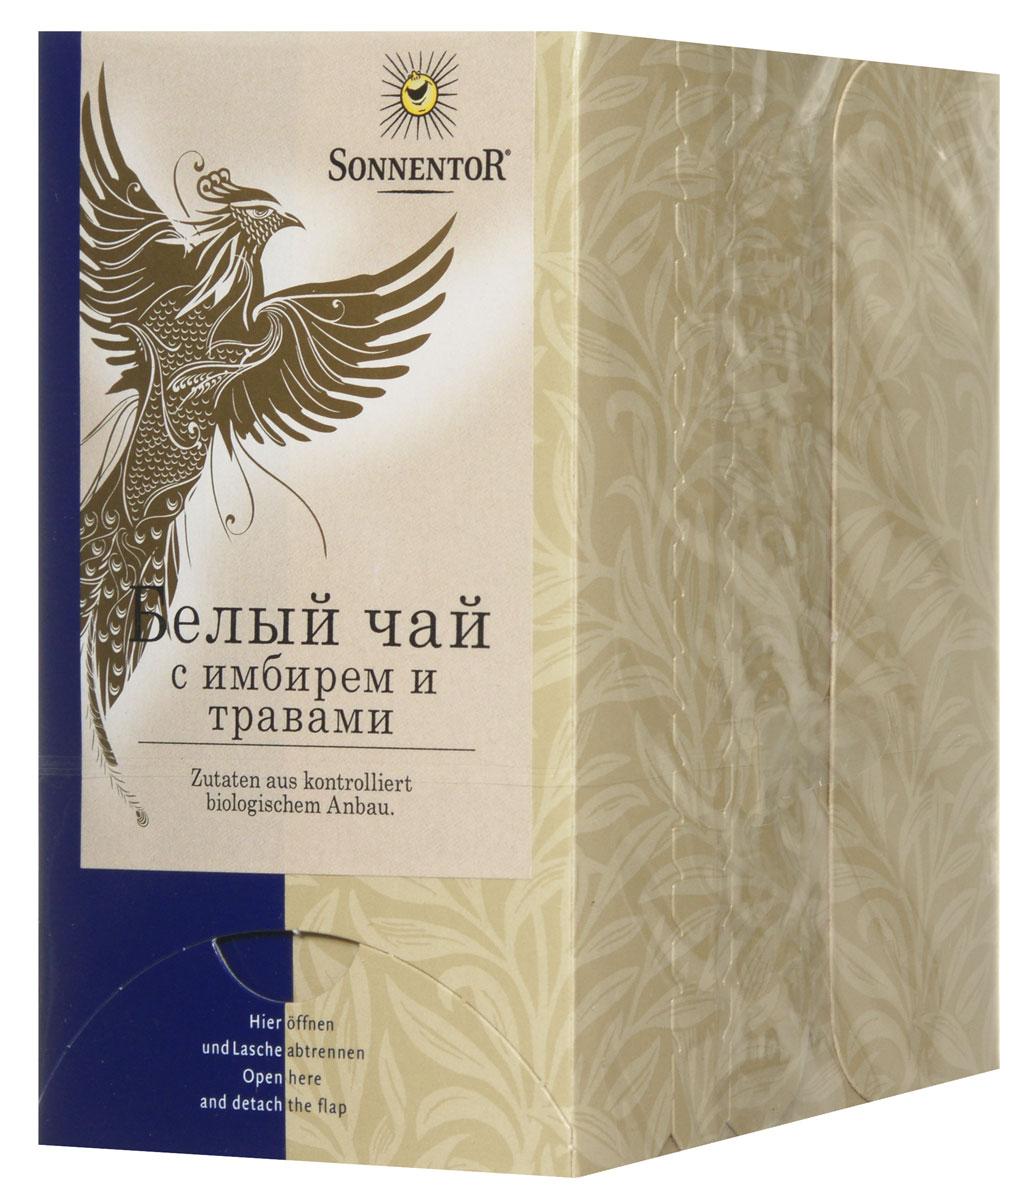 Sonnentor Белый чай с имбирем и травами, 18 пакетиков ambientair белый чай 100ml mk100thlc